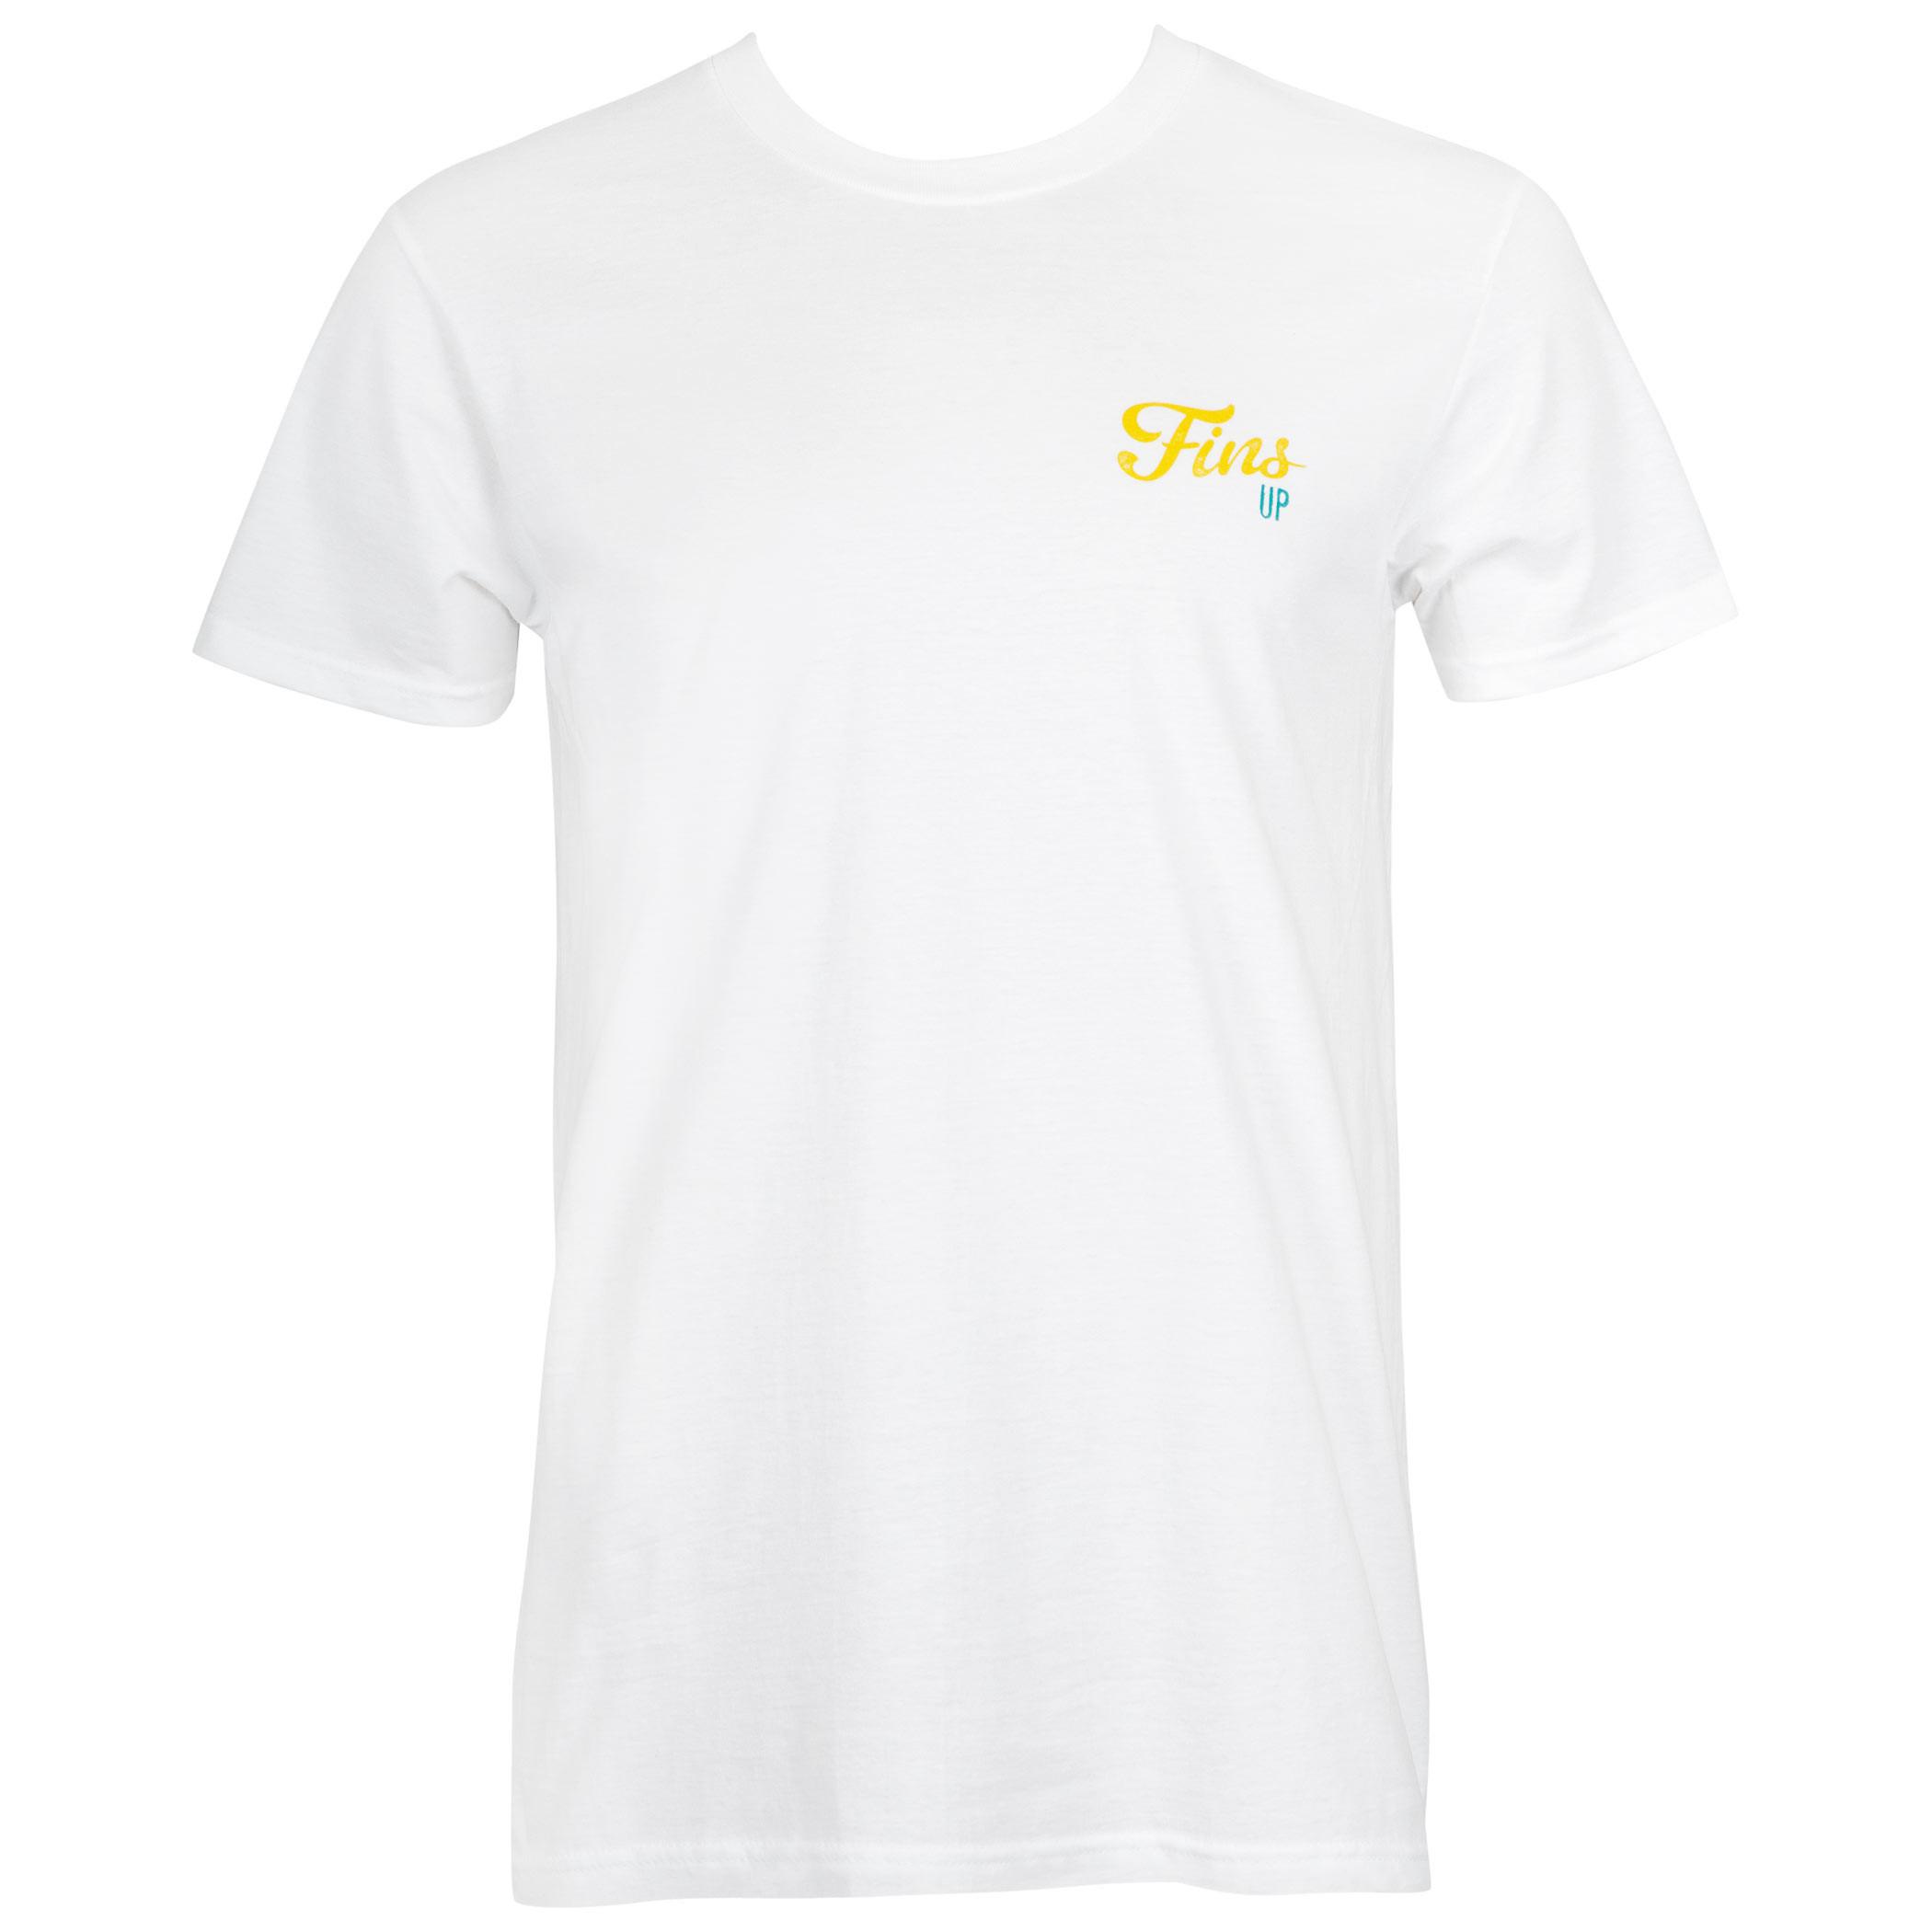 Landshark Fins Up White Tee Shirt